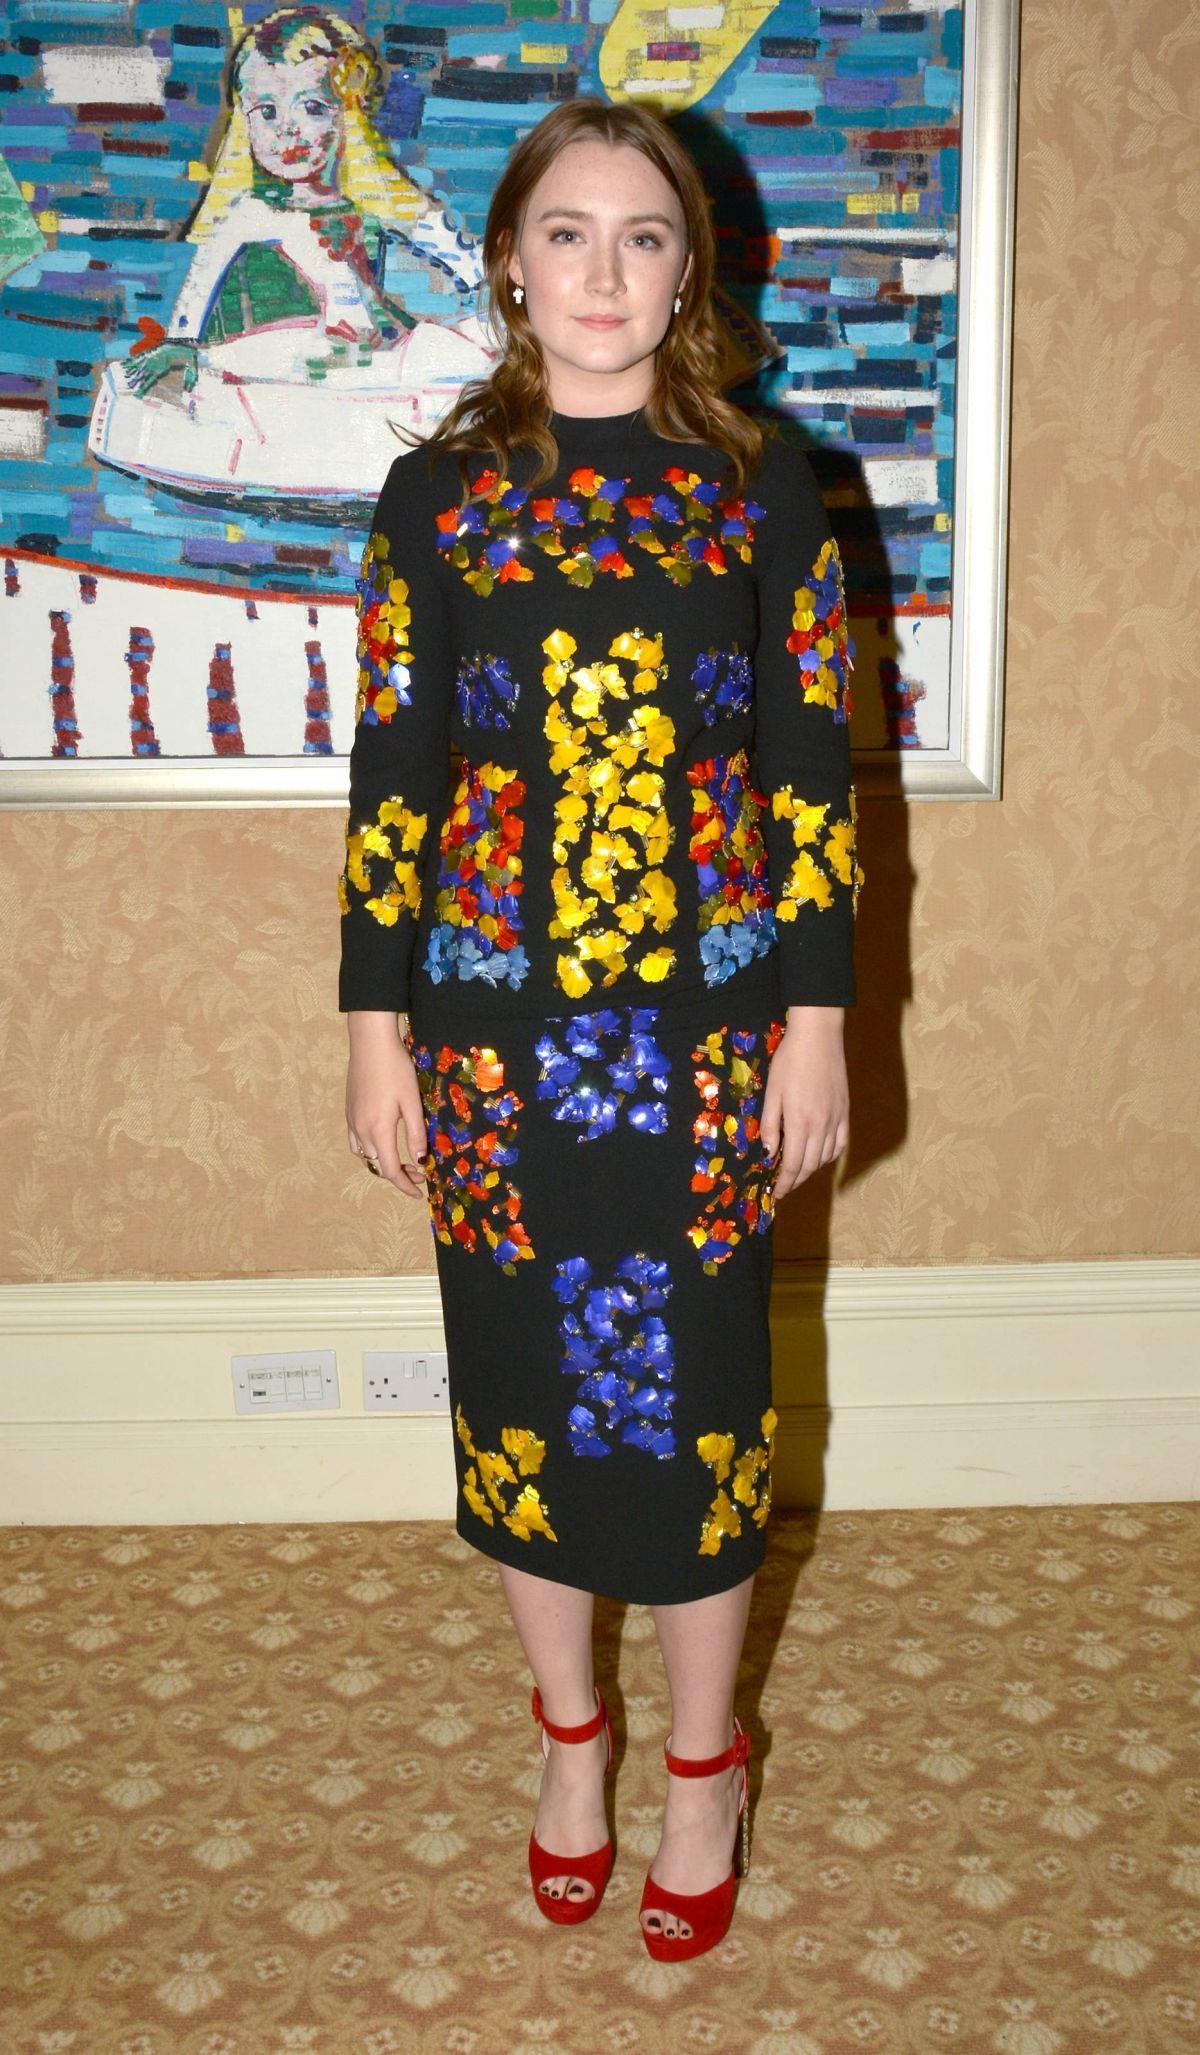 SAOIRSE RONAN at Ispcc Brown Thomas Fashion Show in Dublin